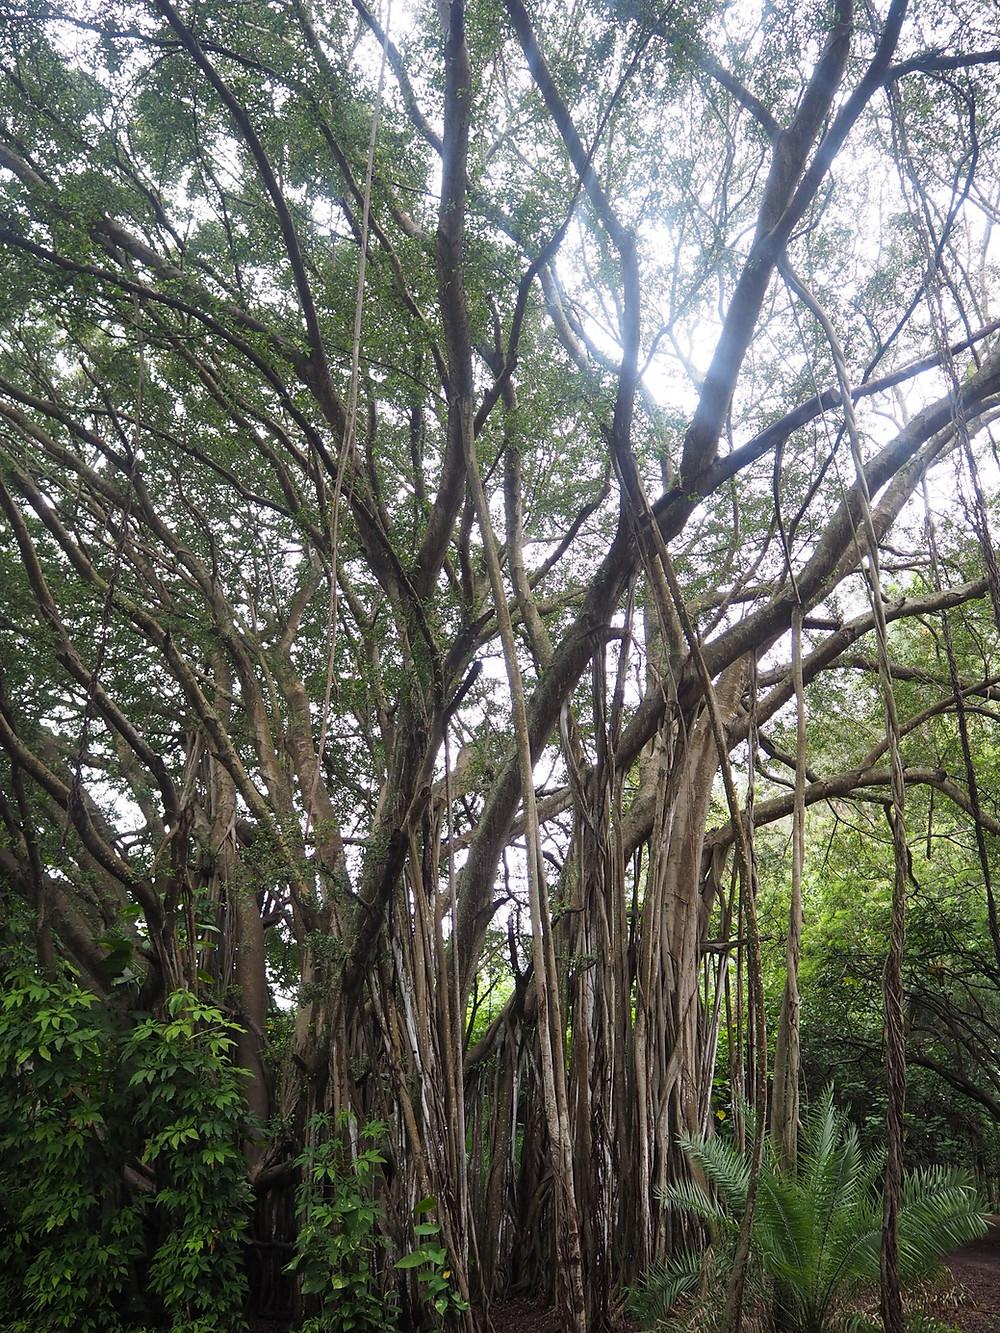 最初は神秘的なバニヤンツリーの連なる場所へ。実はここは外国人インスタグラマーでは有名なインスタポイント